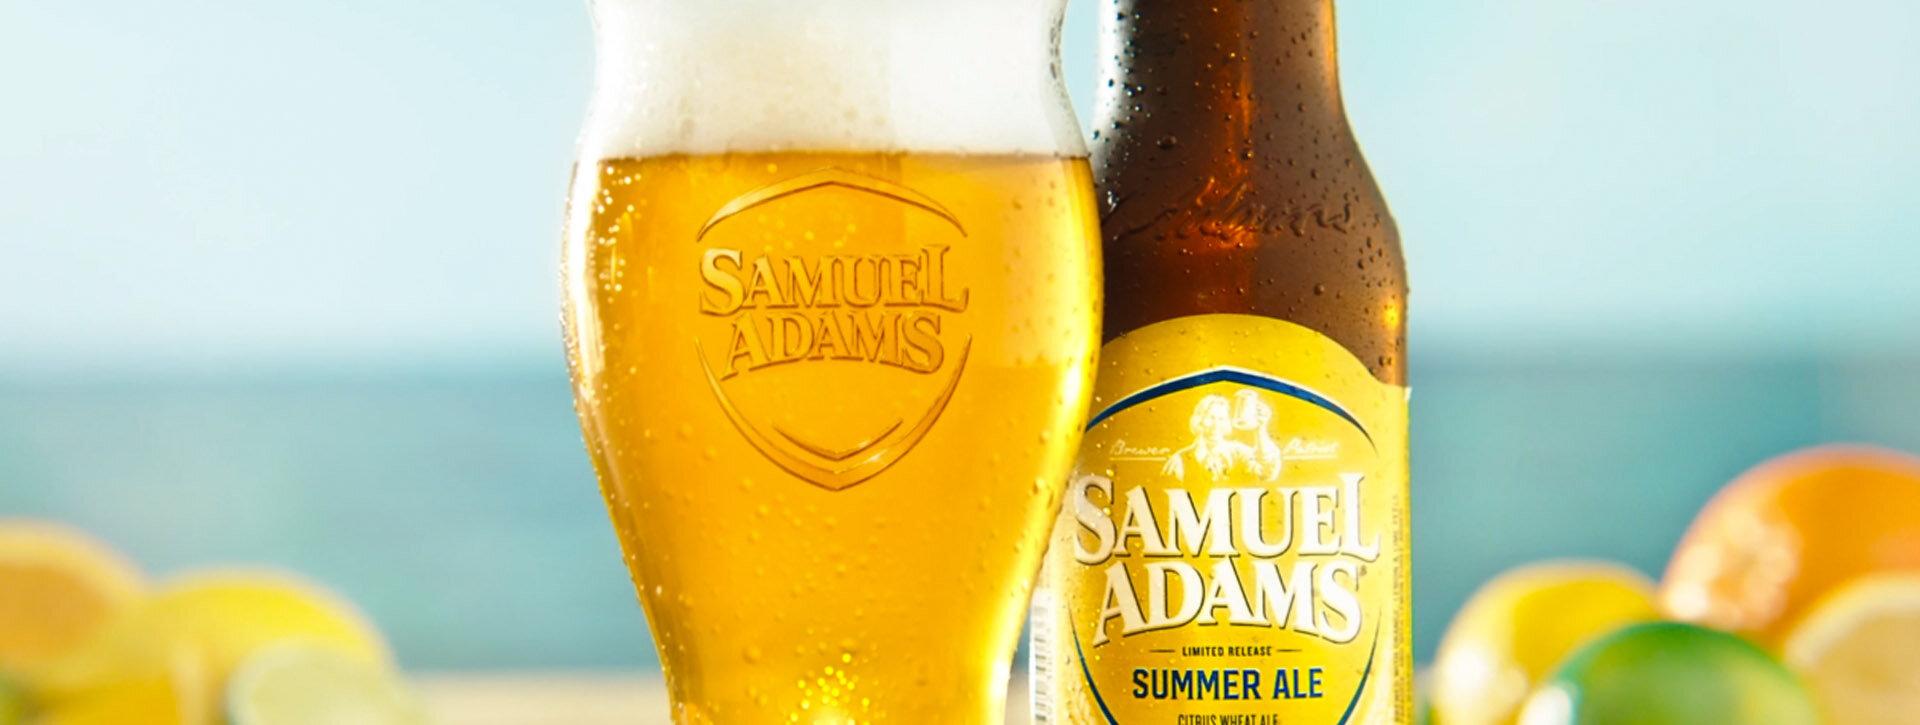 SAM ADAMS | SUMMER ALE CAMPAIGN